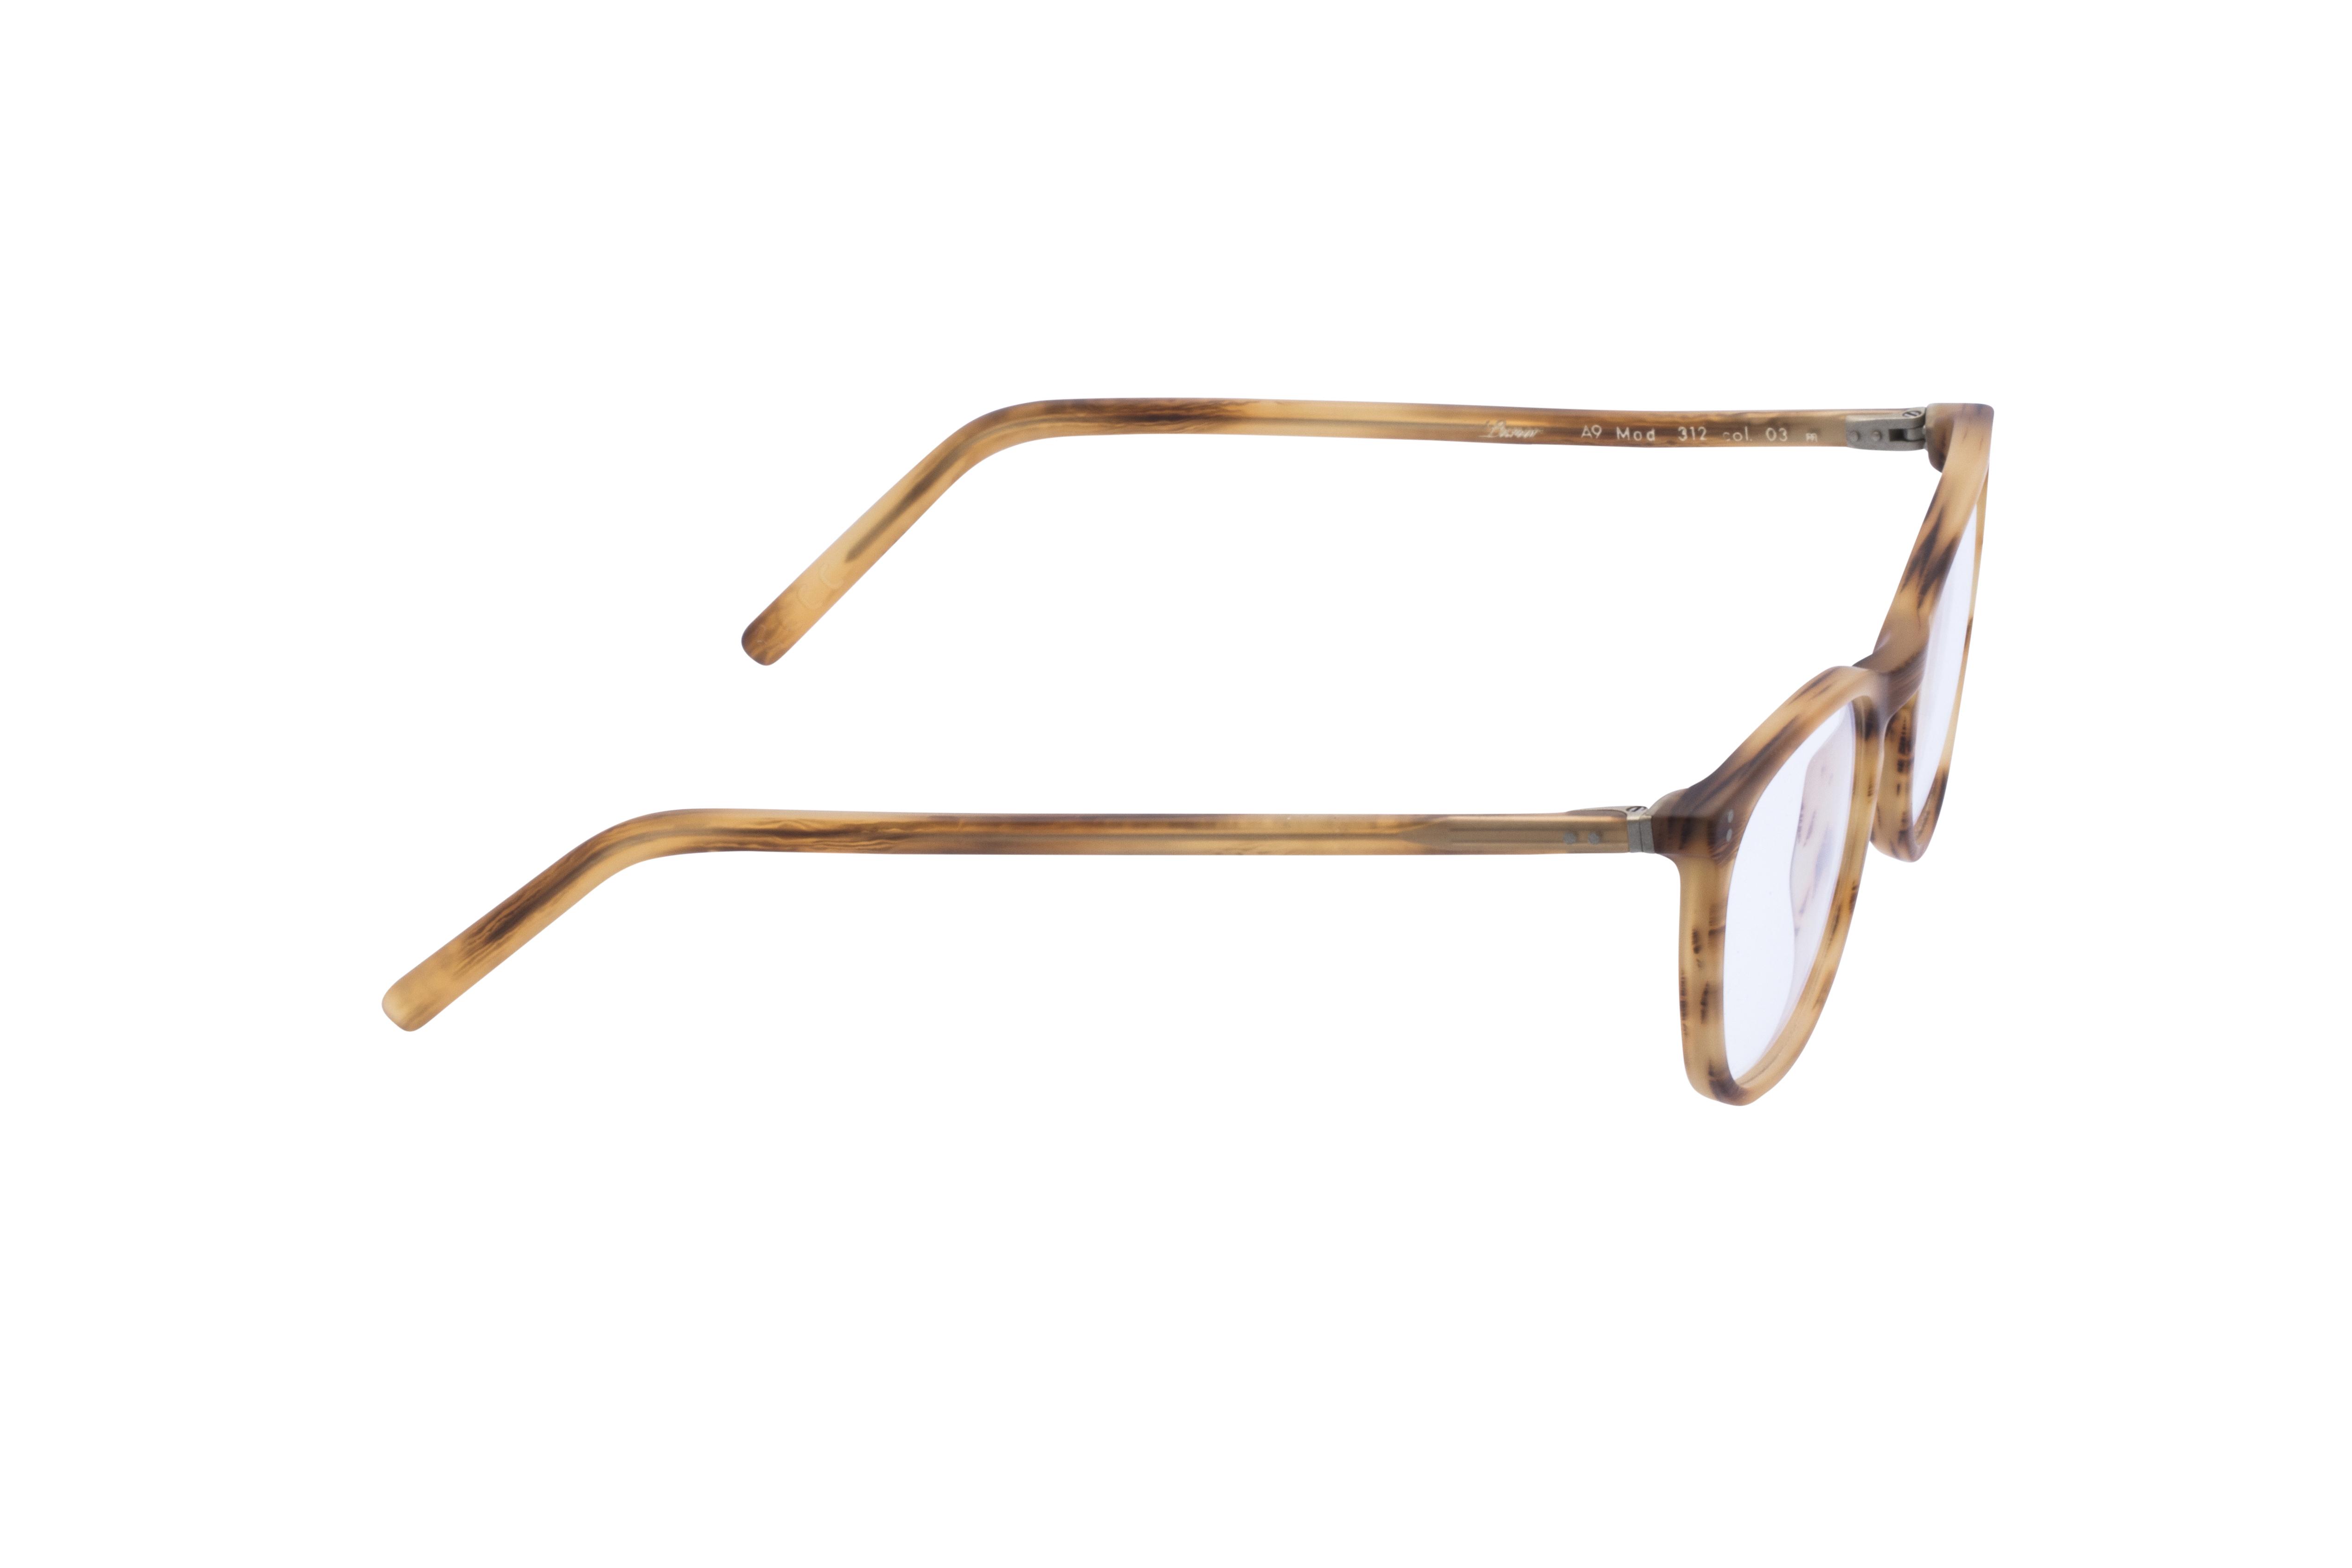 360 Grad Ansicht 5 Lunor 312, Brille auf Weiß - Fassung bei KUNK